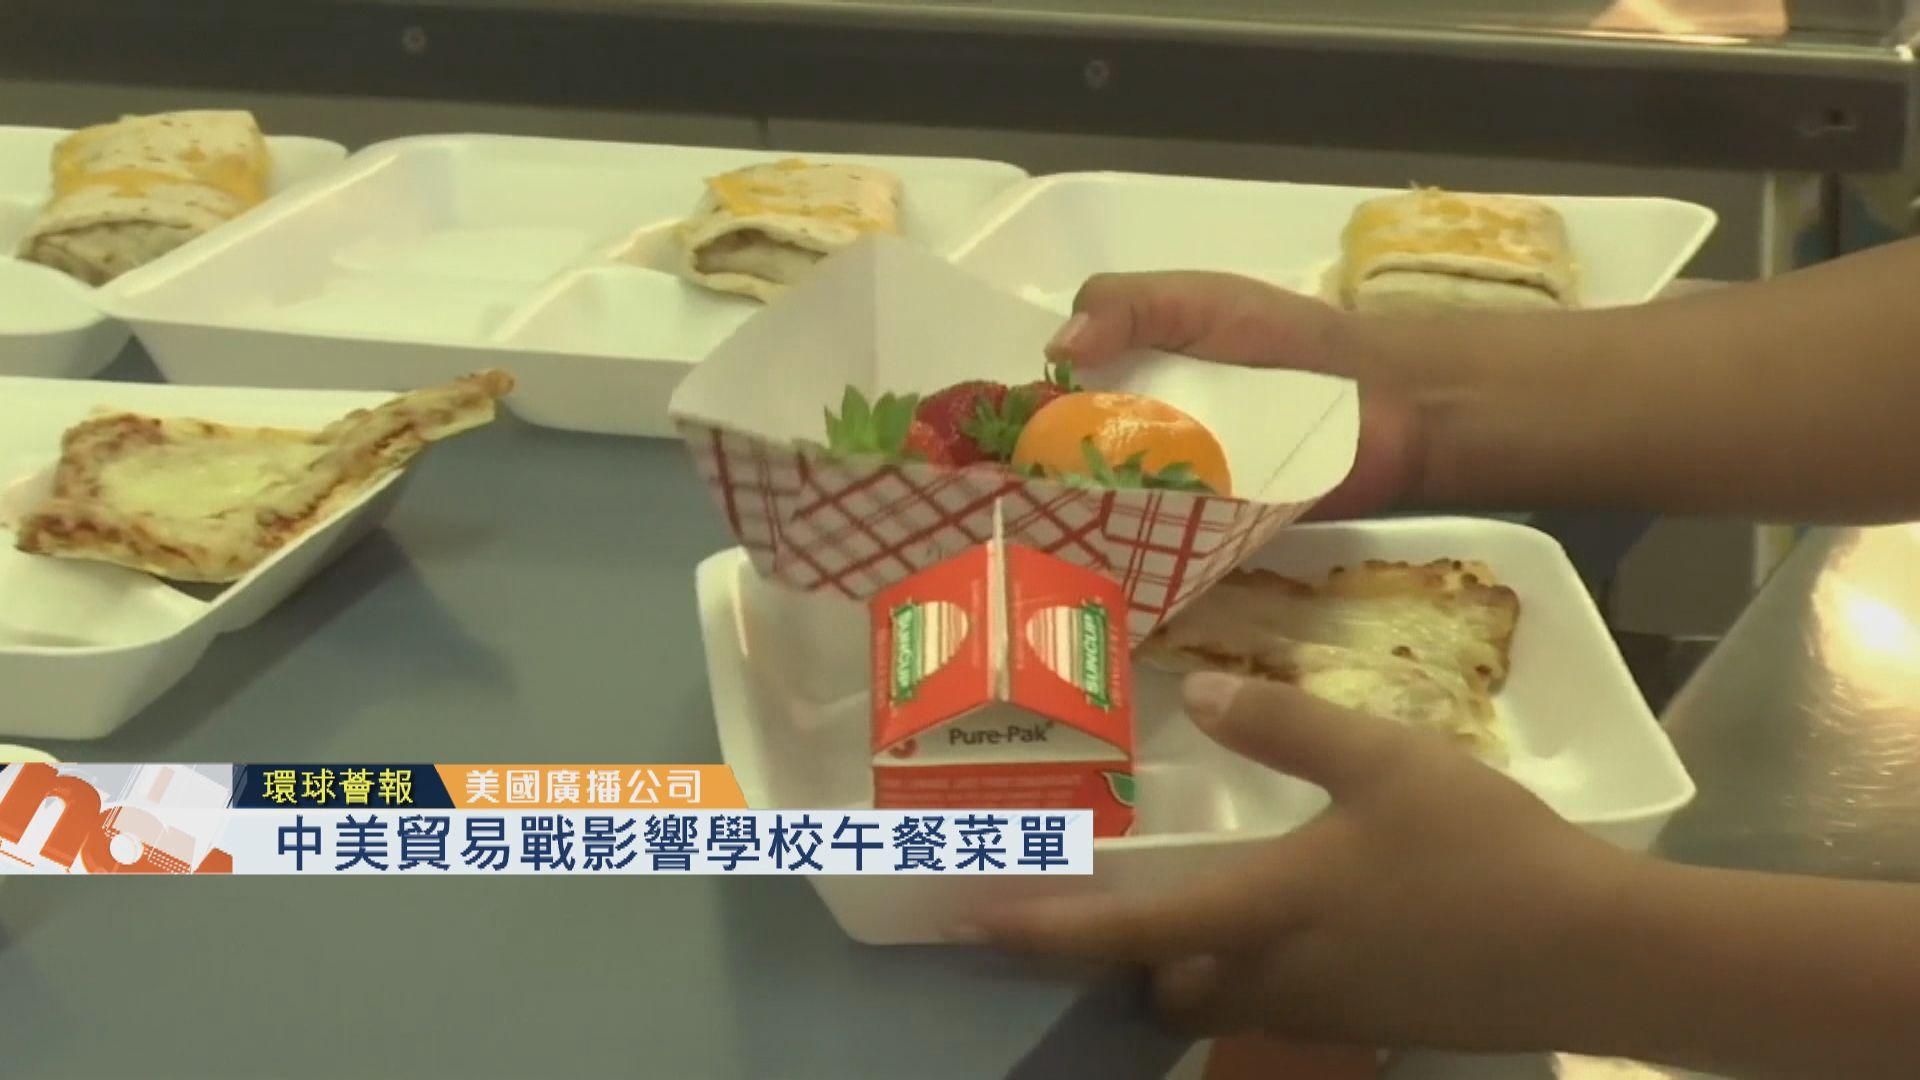 【環球薈報】美國學校午餐菜單受貿易戰影響